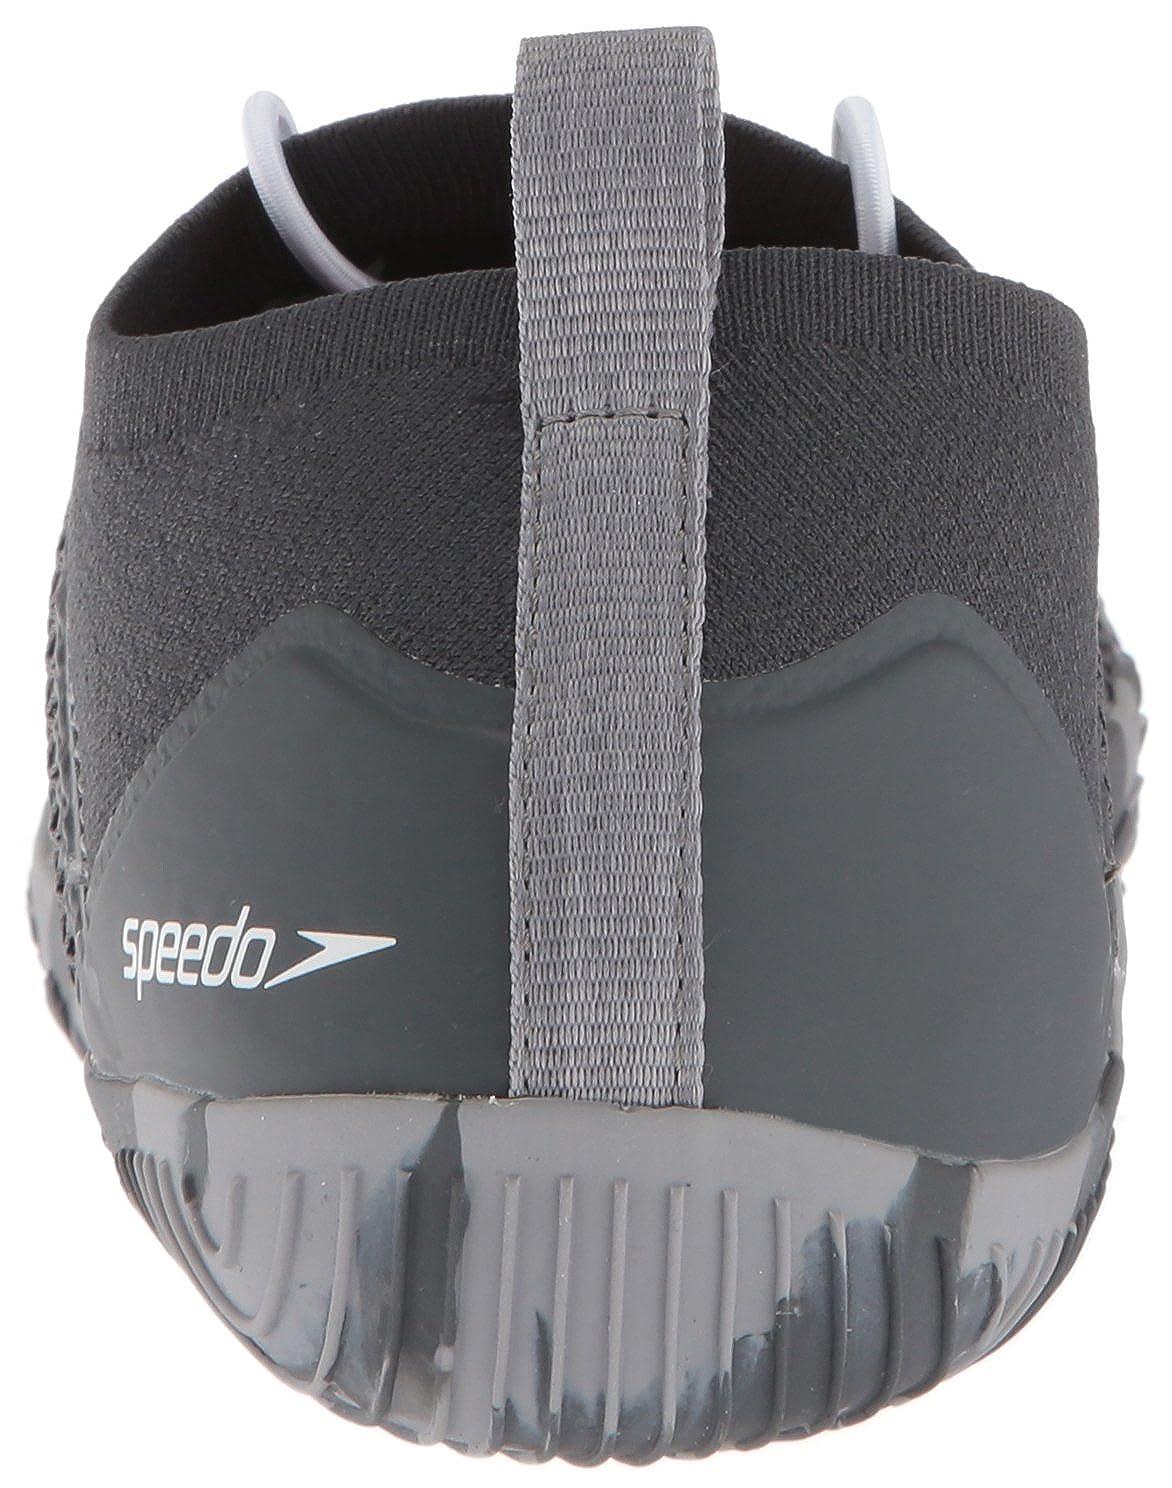 Speedo Aq Water Shoes Fathom Aqua Fitness - Botas de Agua para ...